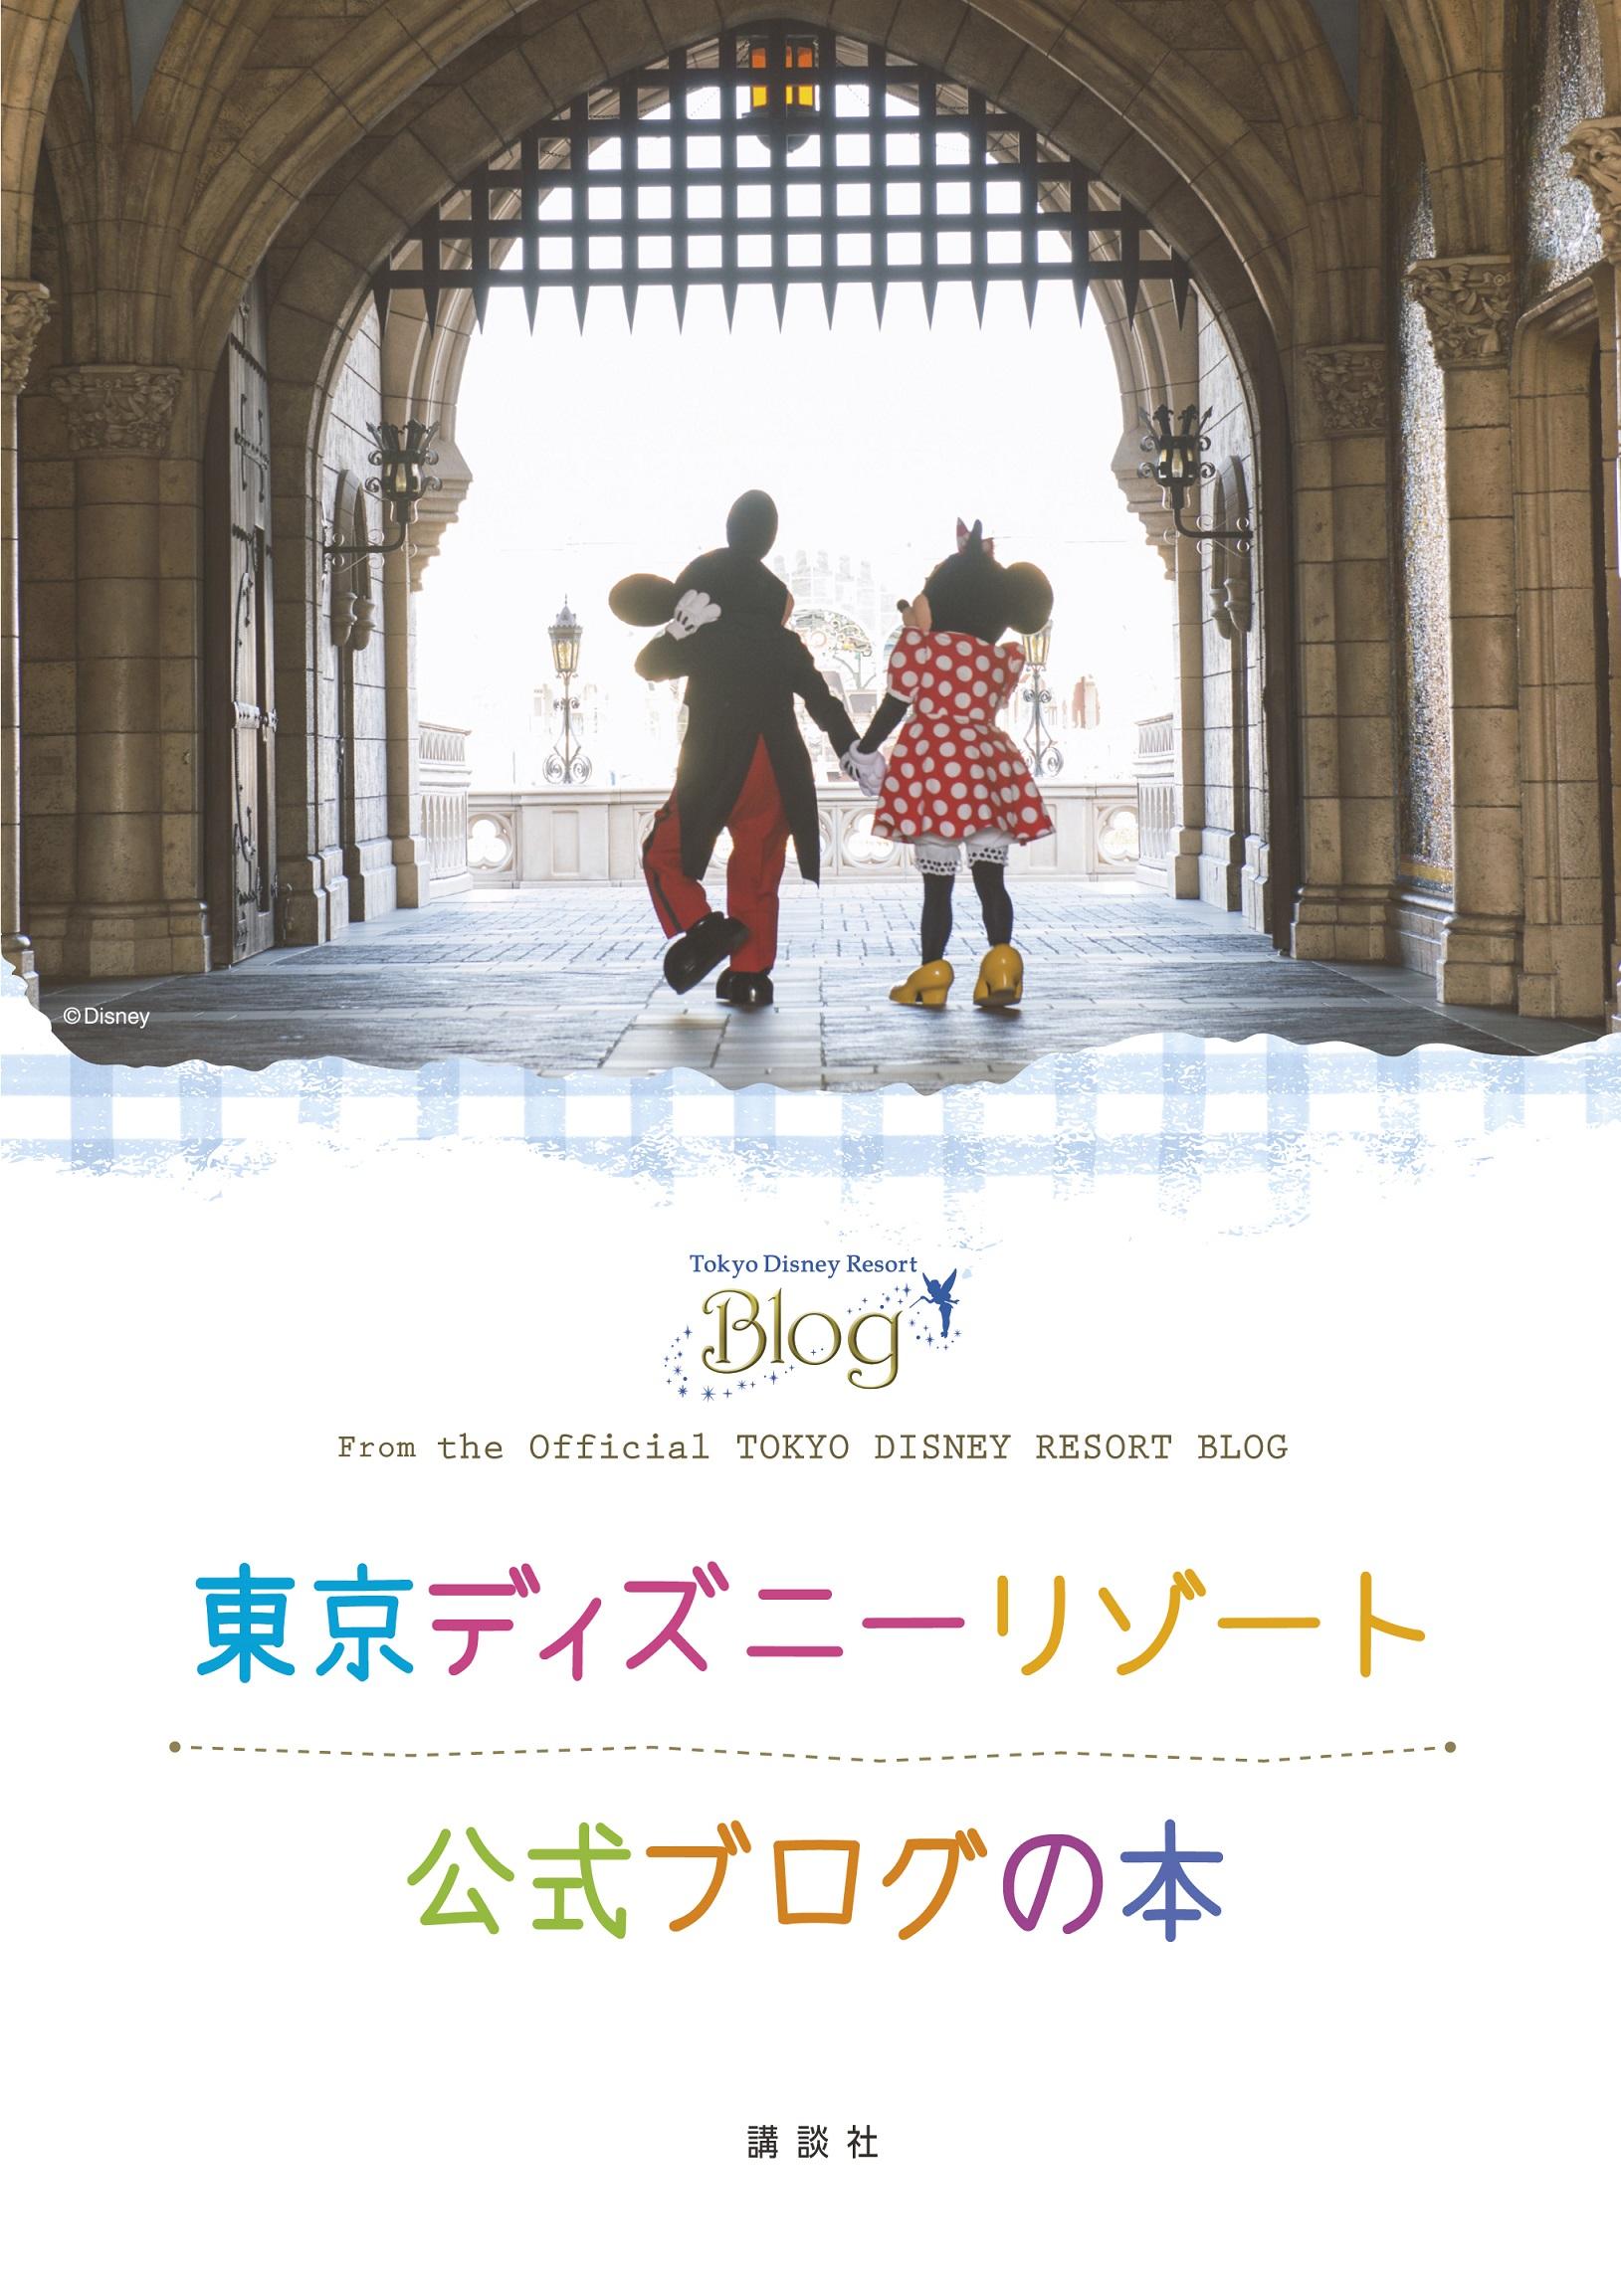 東京ディズニーリゾート公式ブログの本 を読む | コンフェティ